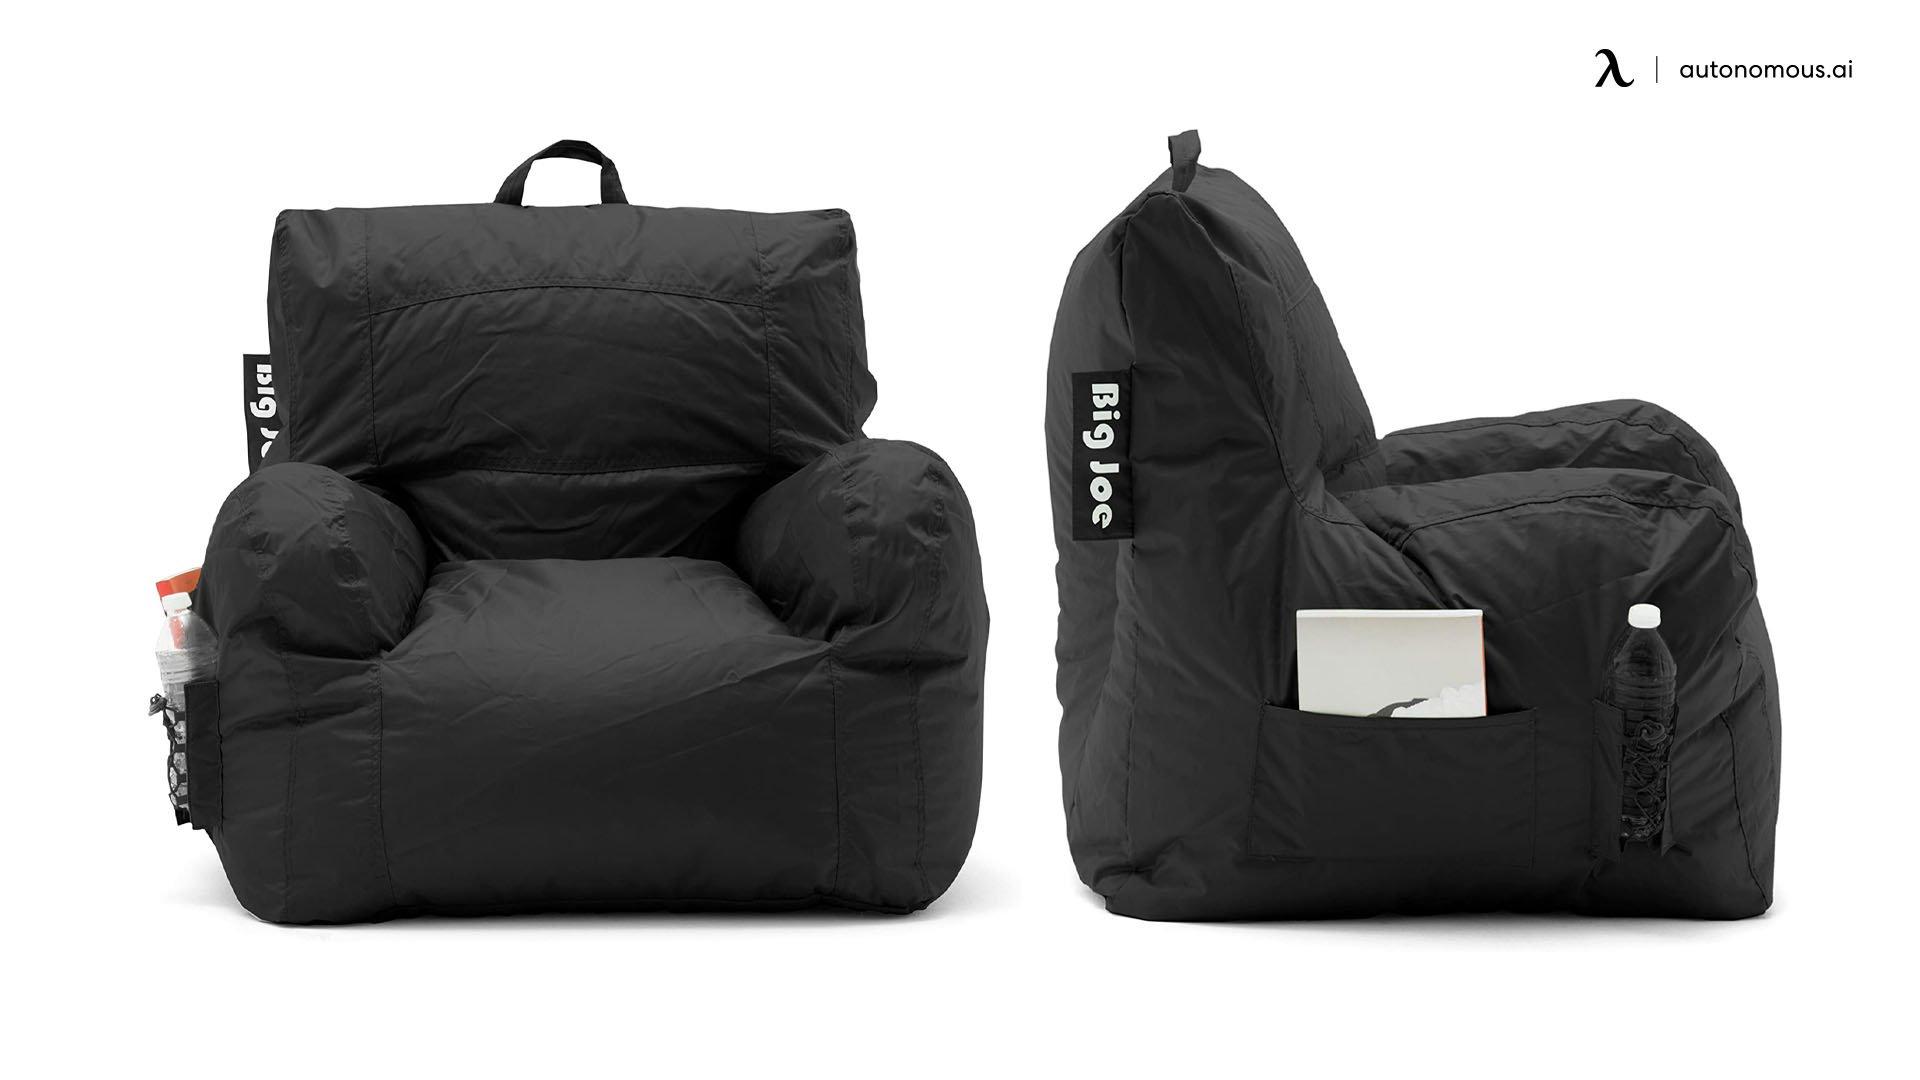 The Big Joe Dorm Bean Bag Chair